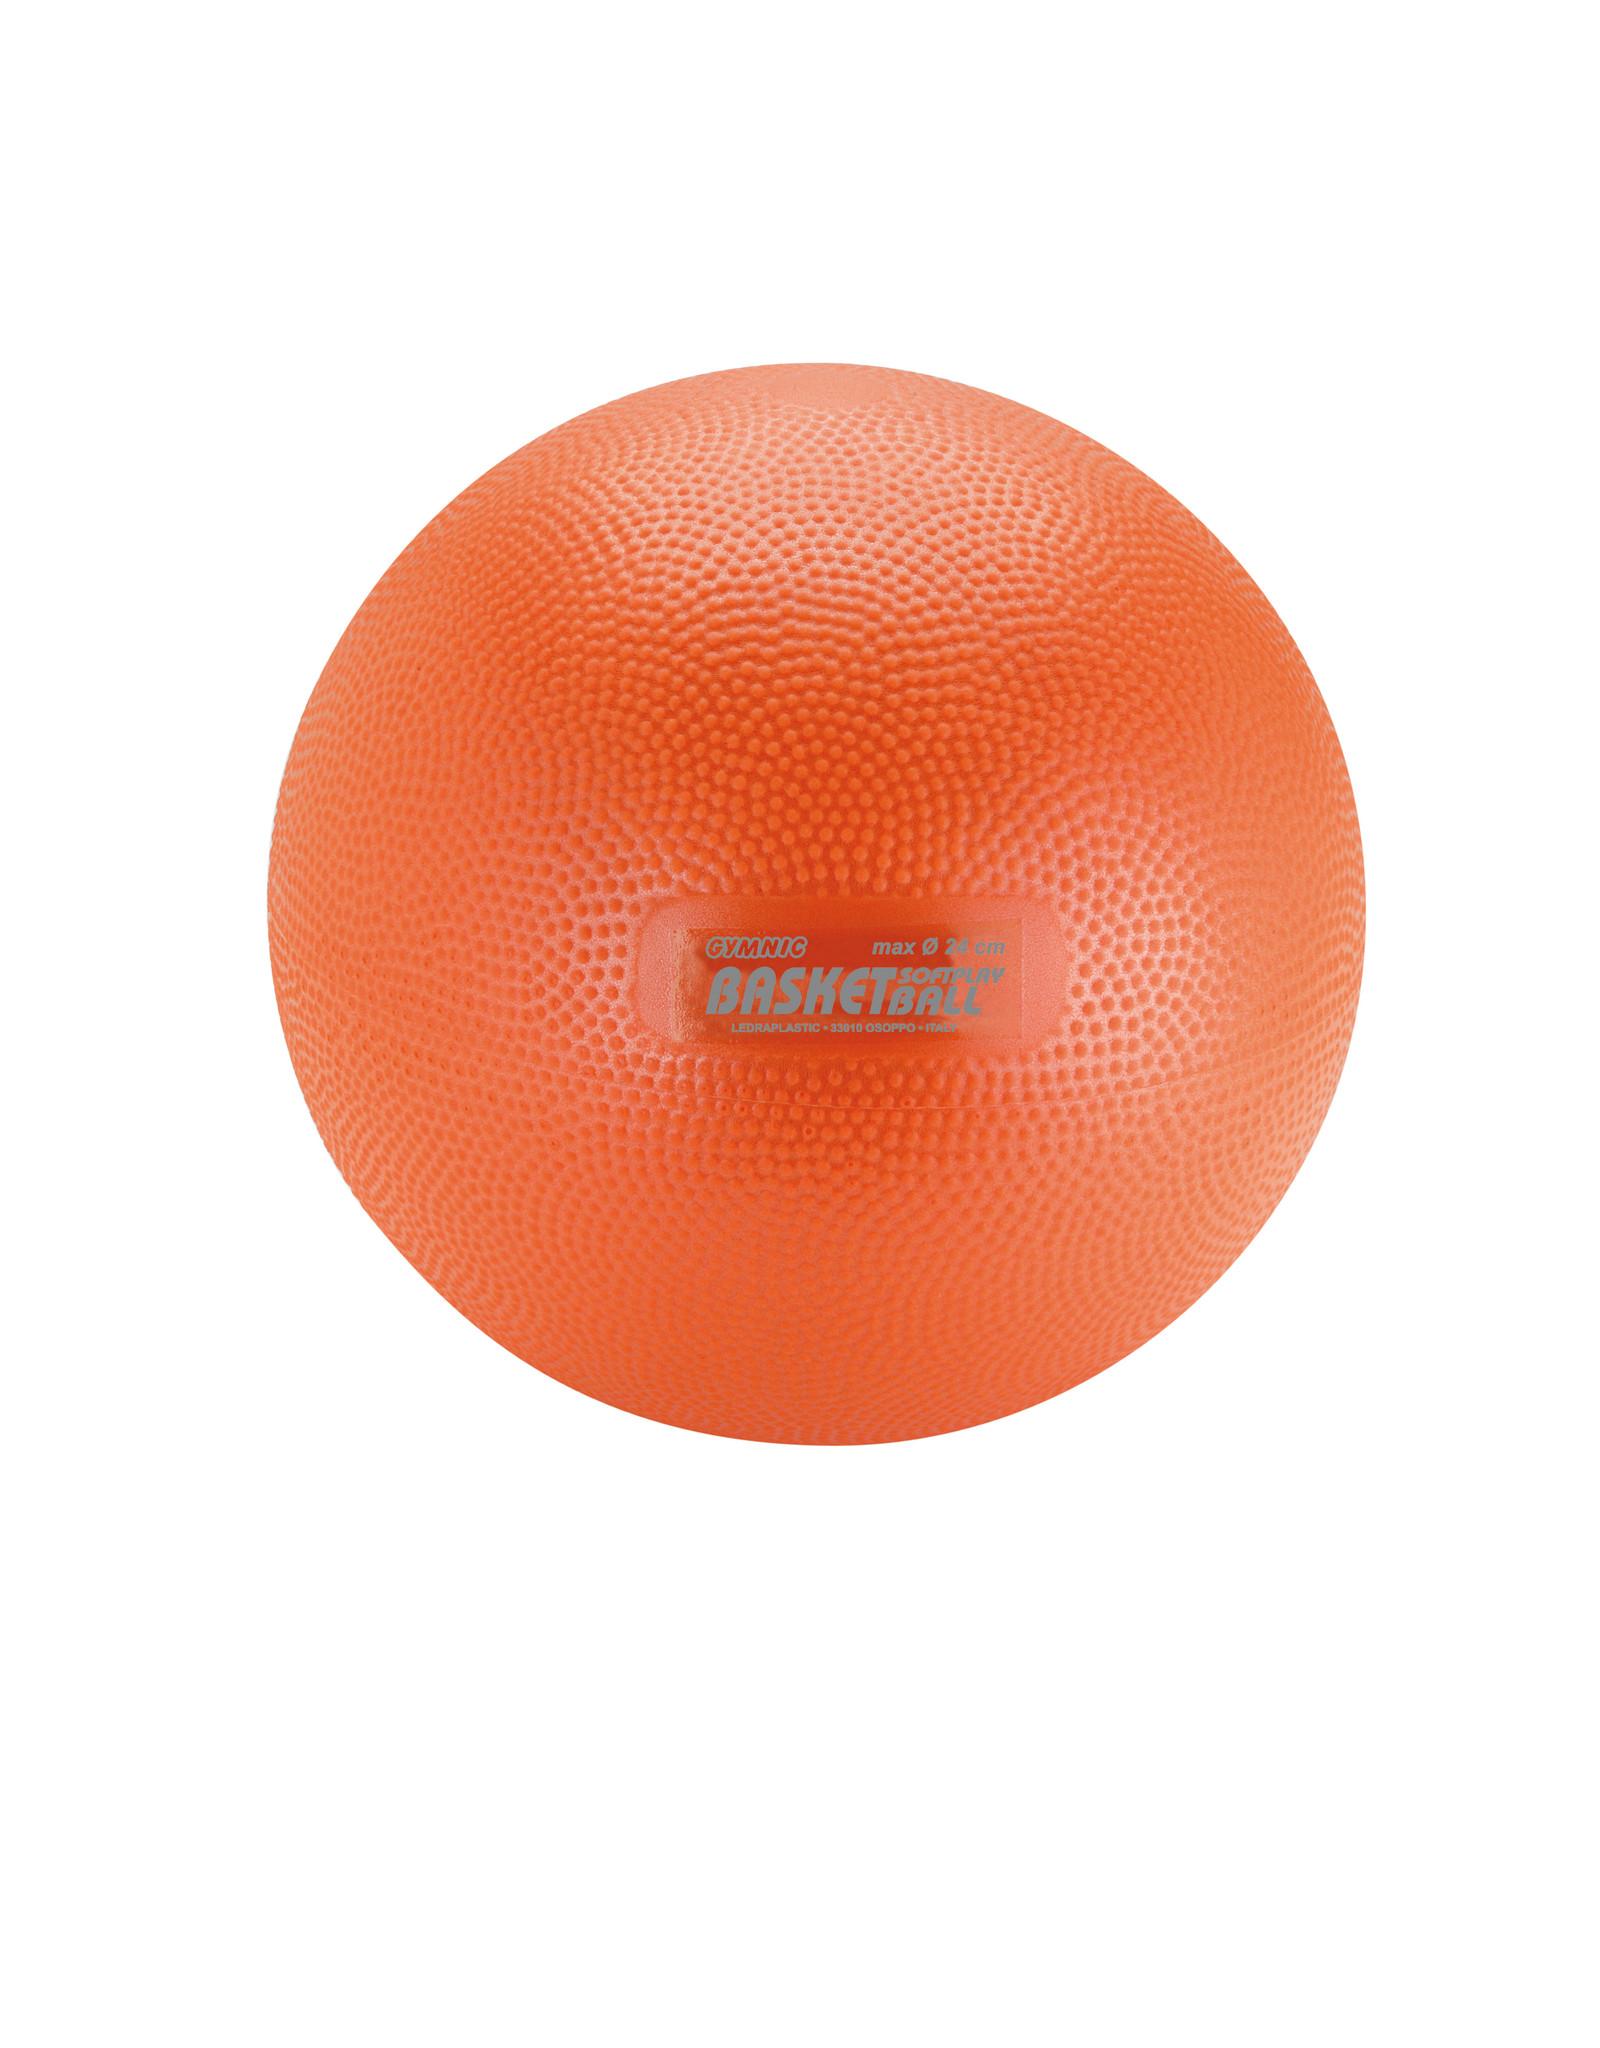 Gymnic Softplay Basket / O / deflated